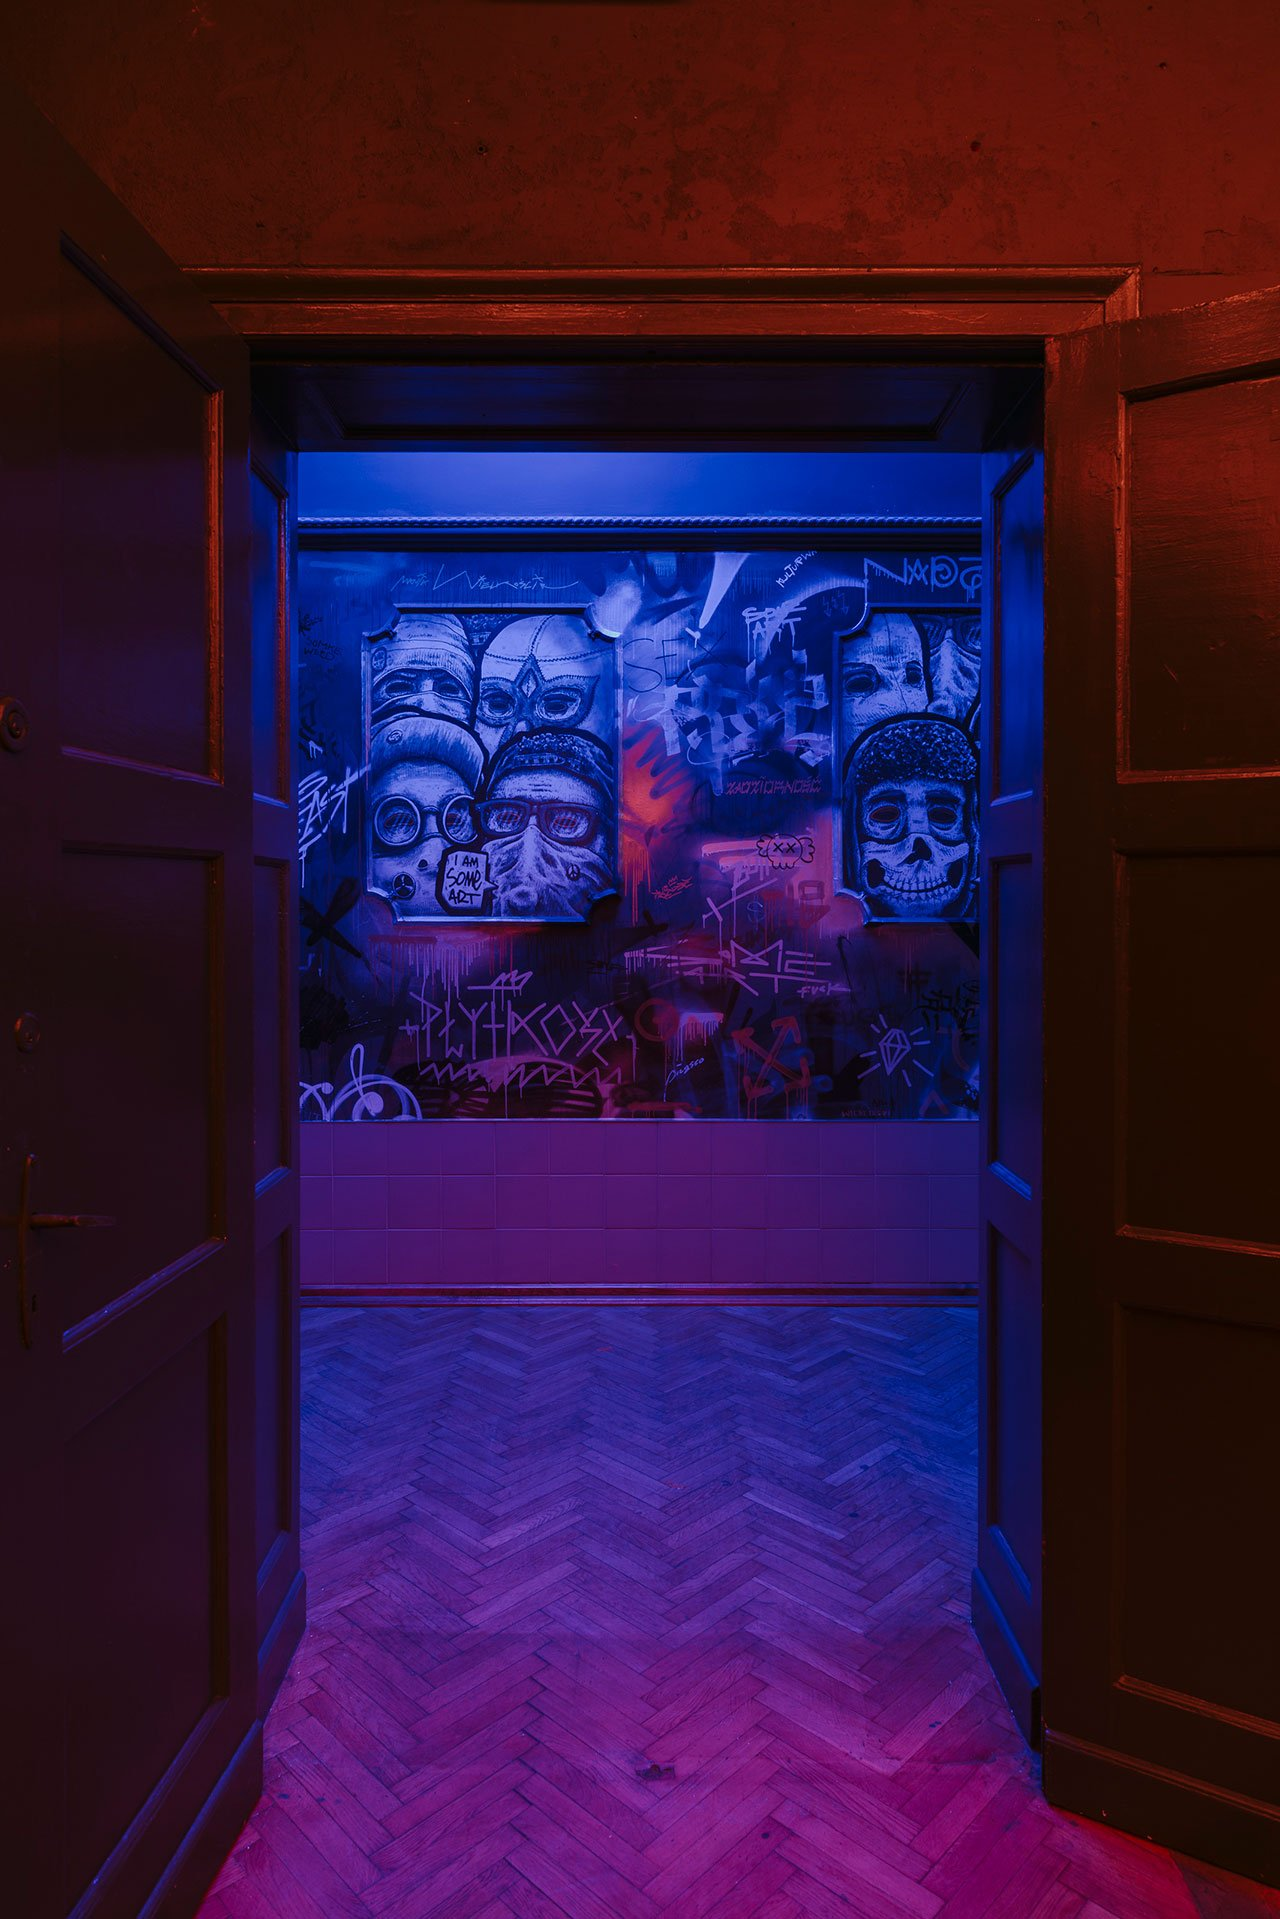 """Próżność(eng. """"Vanity"""")Clubbywiercinski-studio inPoznan, Poland.Photo©PION Studio (Basia Kuligowska, Przemyslaw Nieciecki)."""